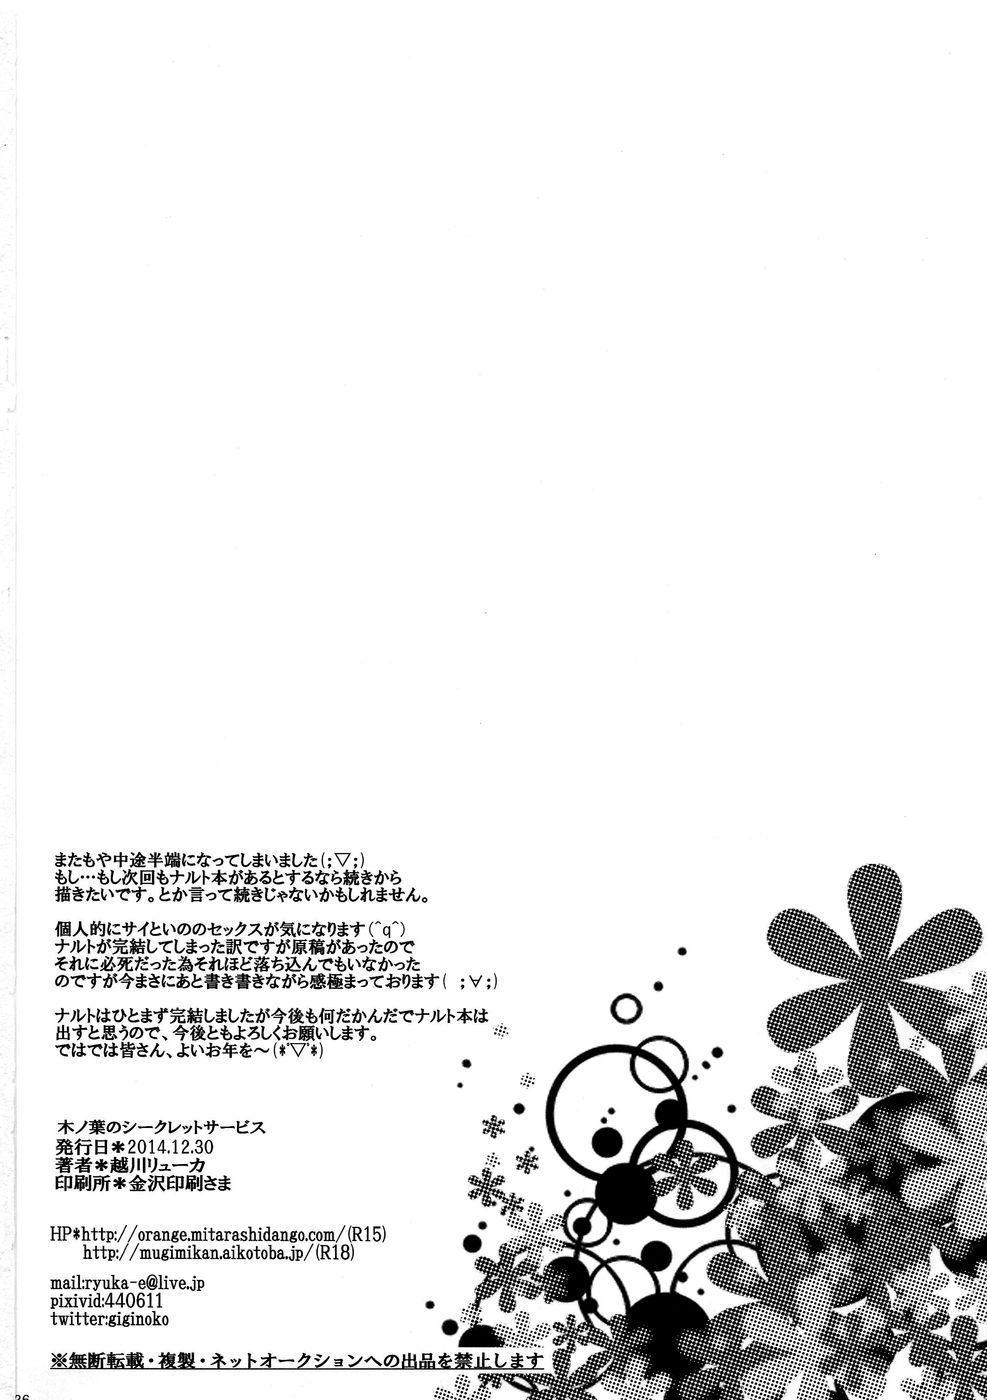 Konoha no Secret Service - Konoha's Secret Service 24